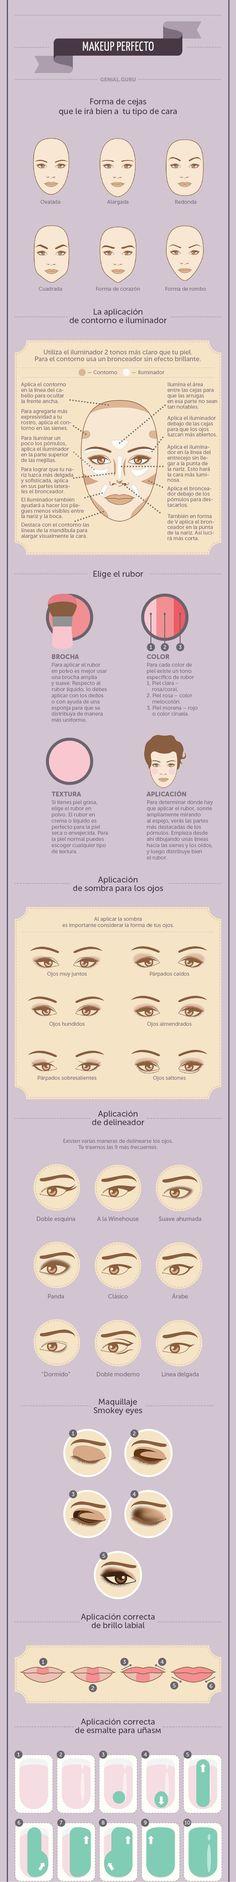 Eyebrows and makeup according to your face shape. Cejar y maquillaje de acuerdo a la forma de tu cara.